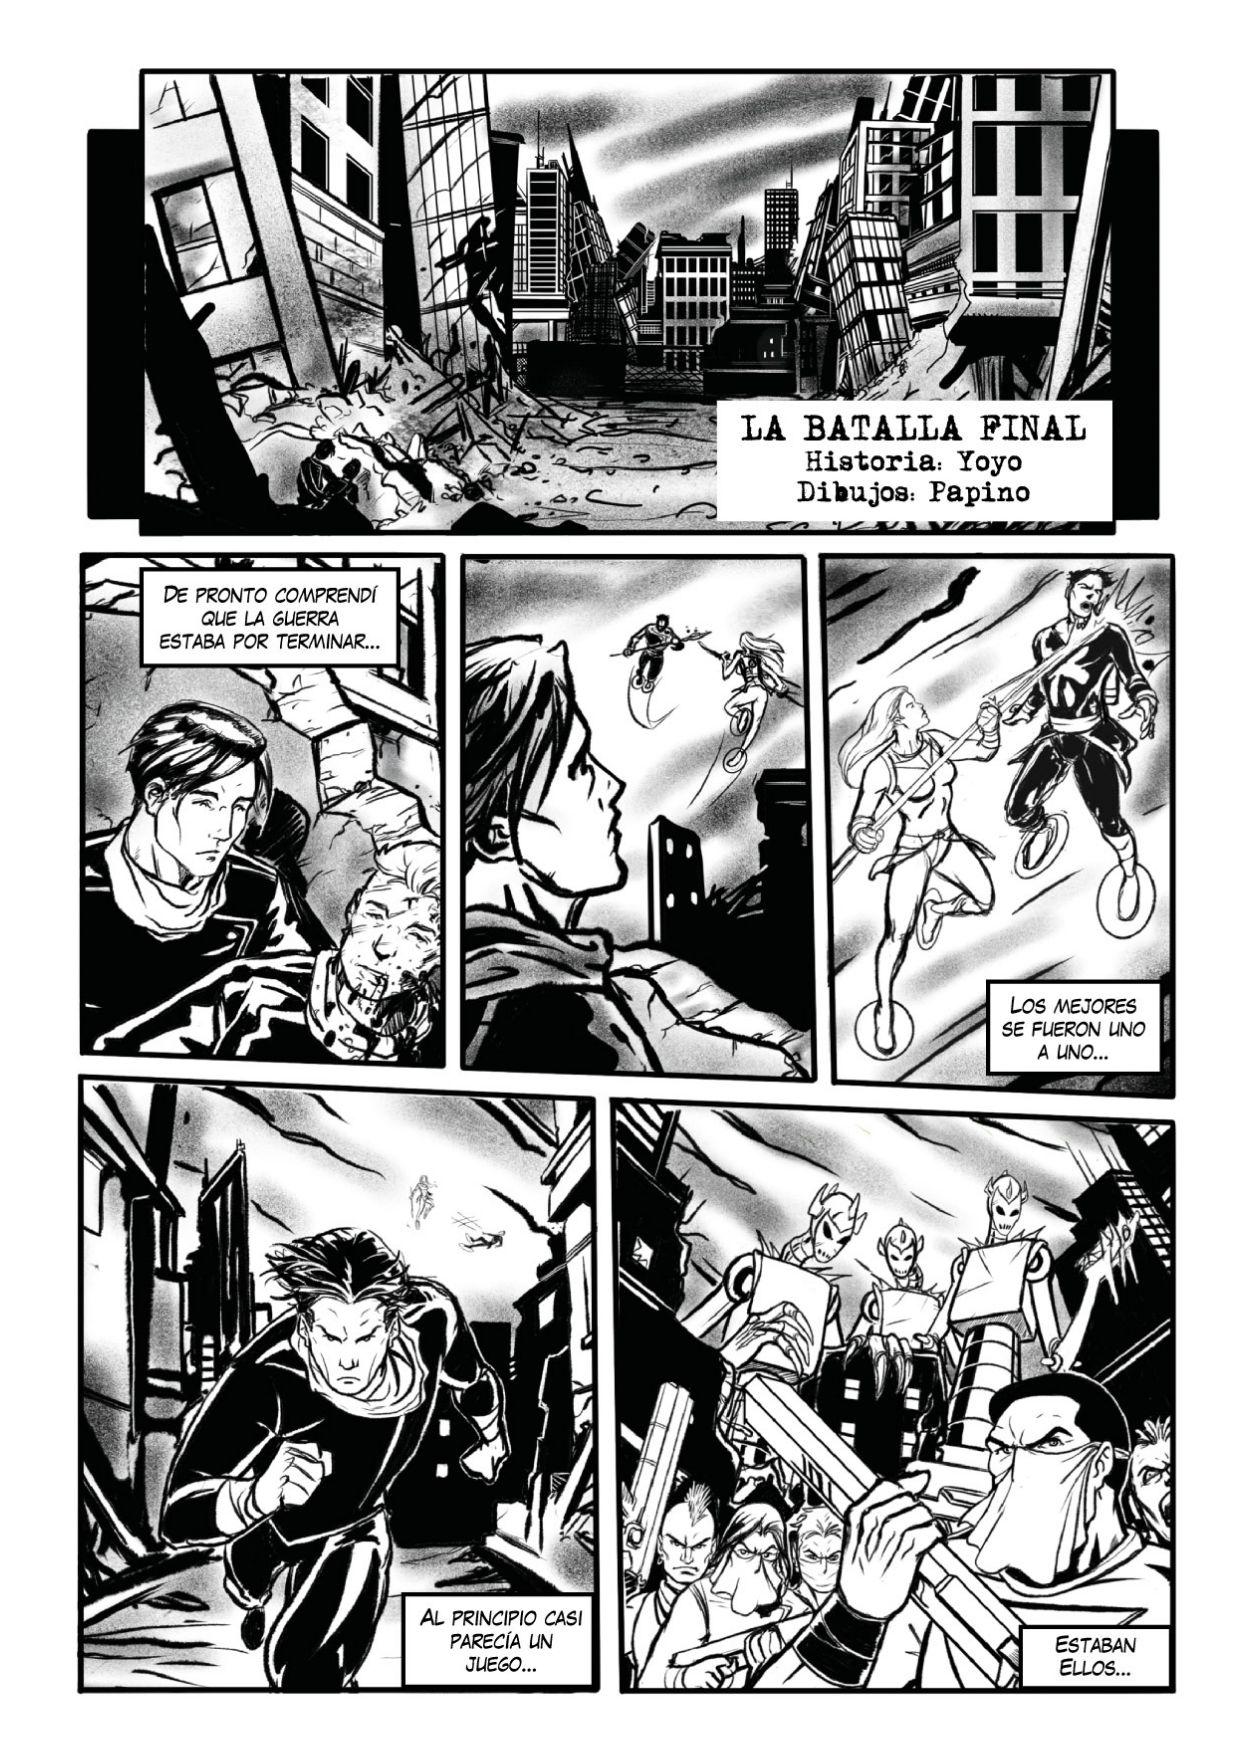 Monstruo-y-otras-historias-21